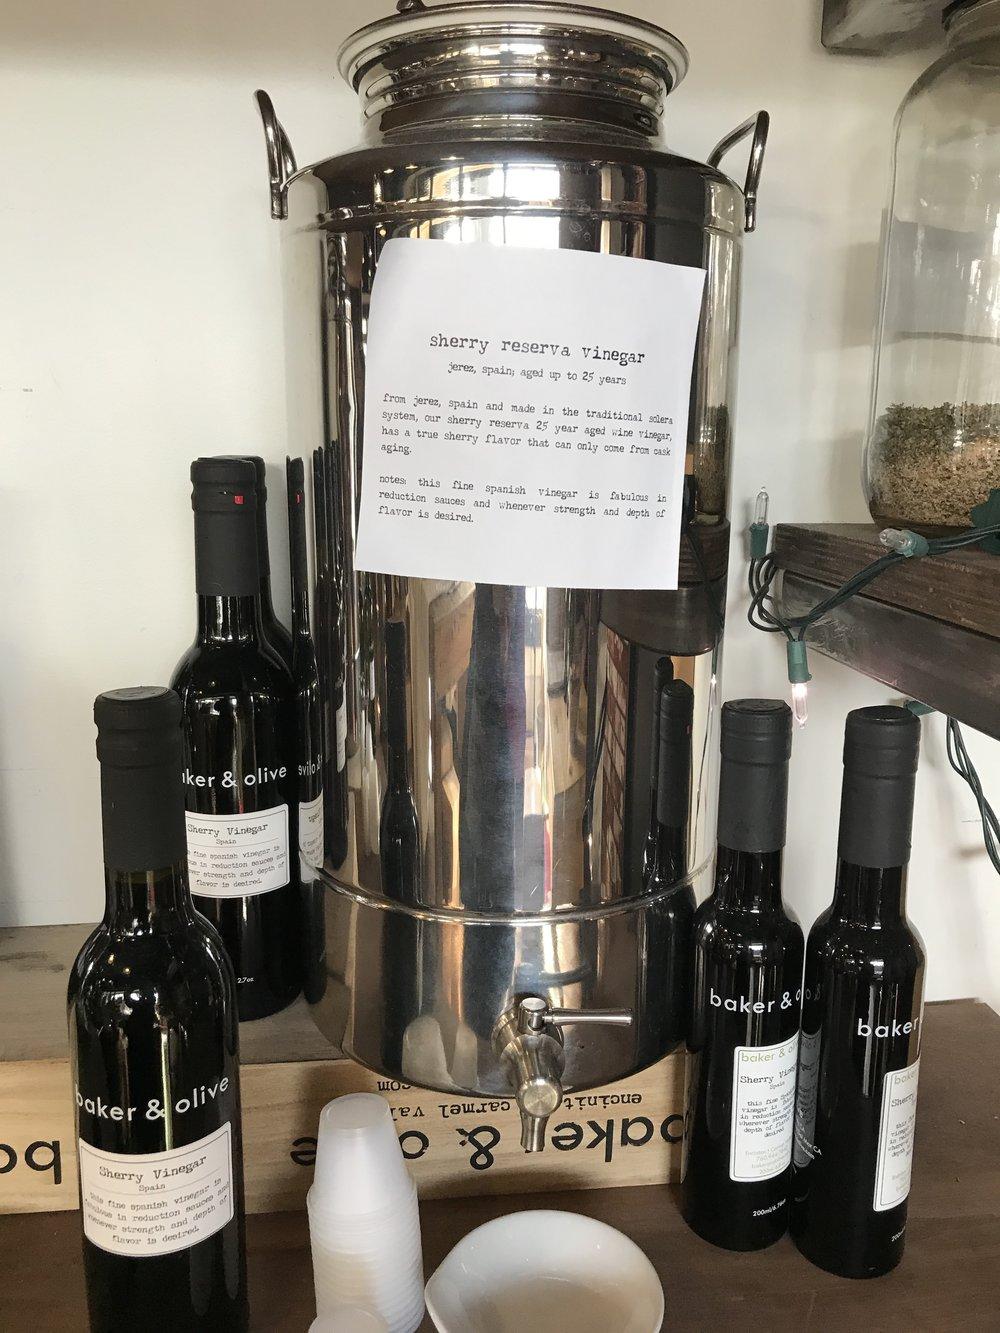 Baker & Olive Sherry Reserva Vinegar